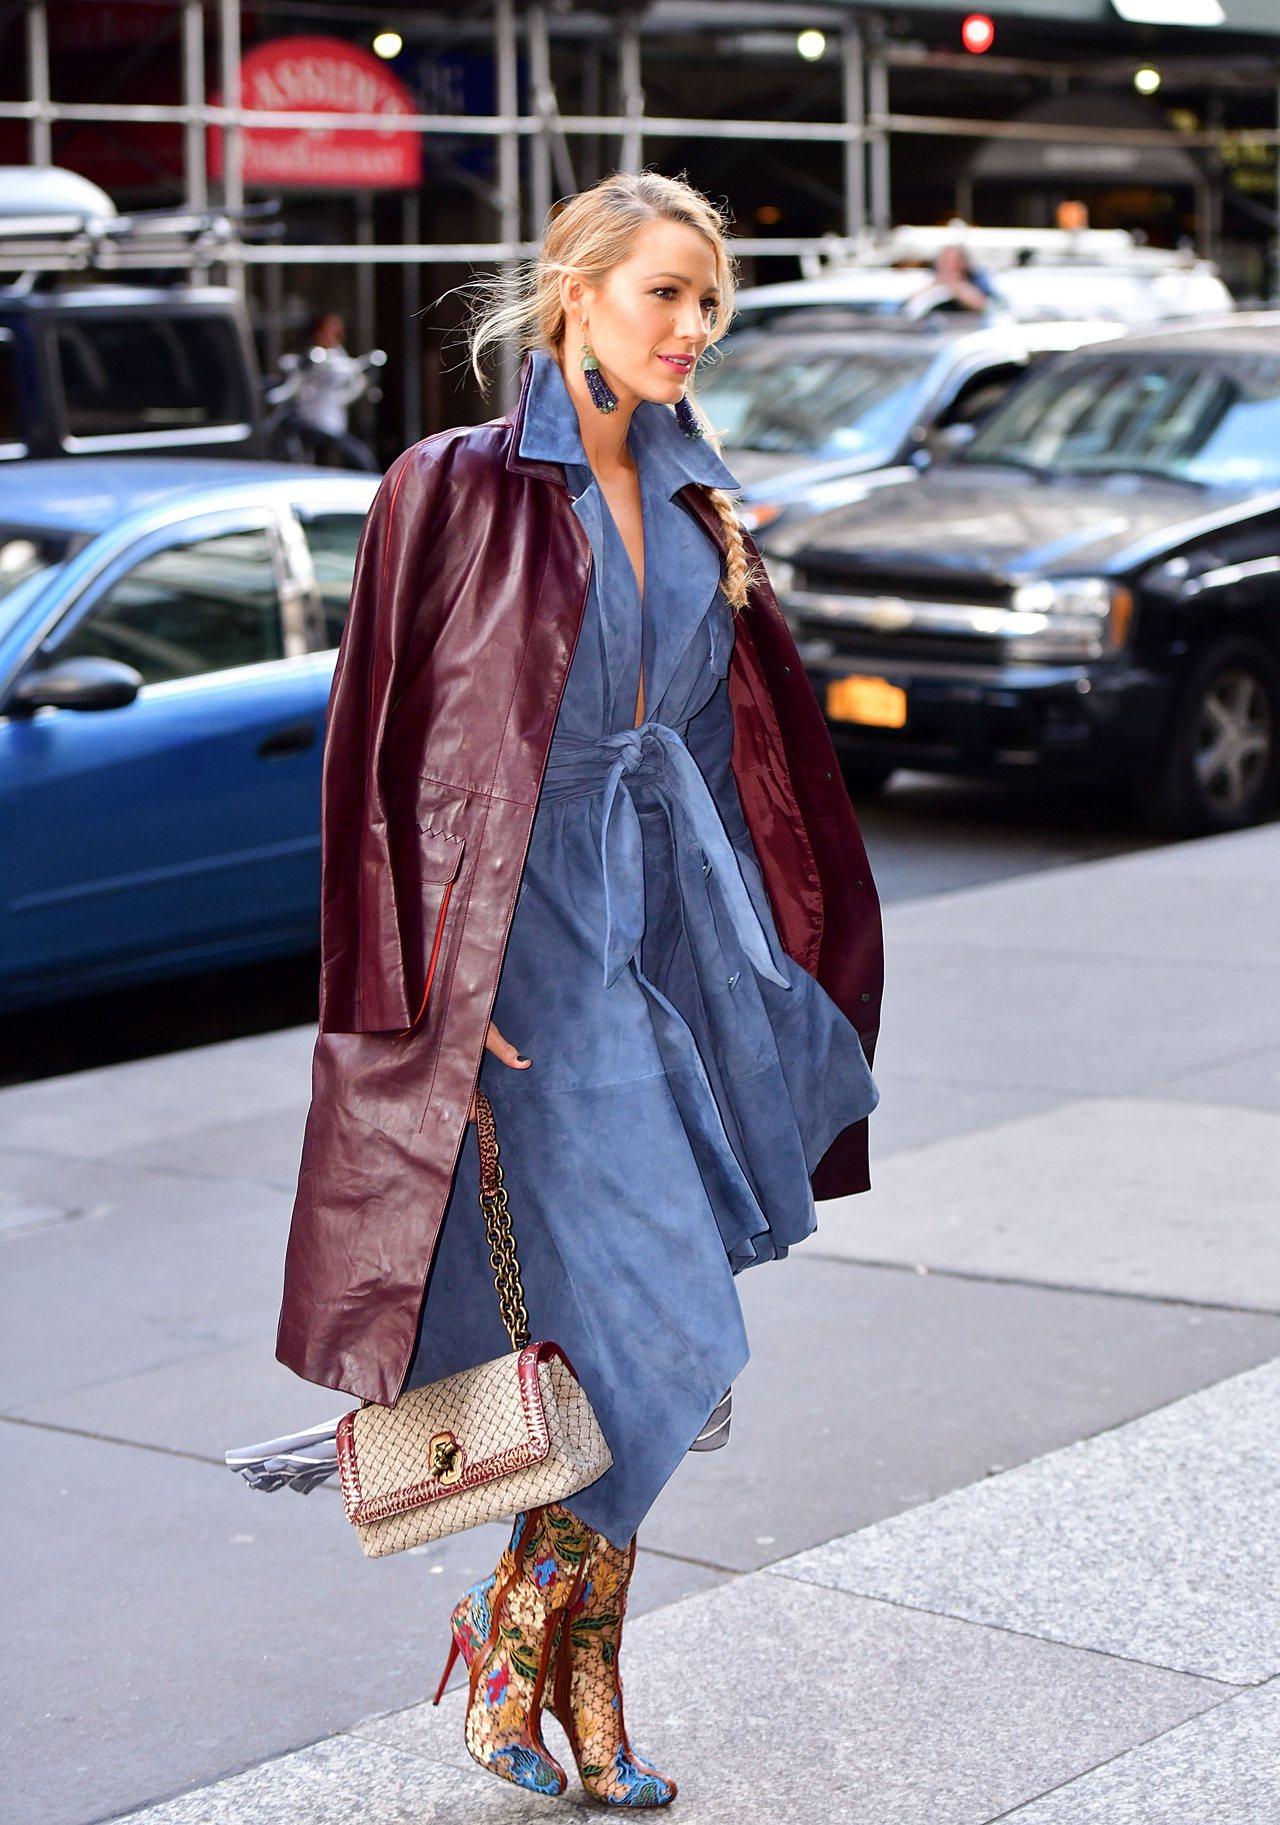 布蕾克萊佛莉穿Bottega Veneta 2018早春酒紅皮大衣配藍色洋裝,拎...